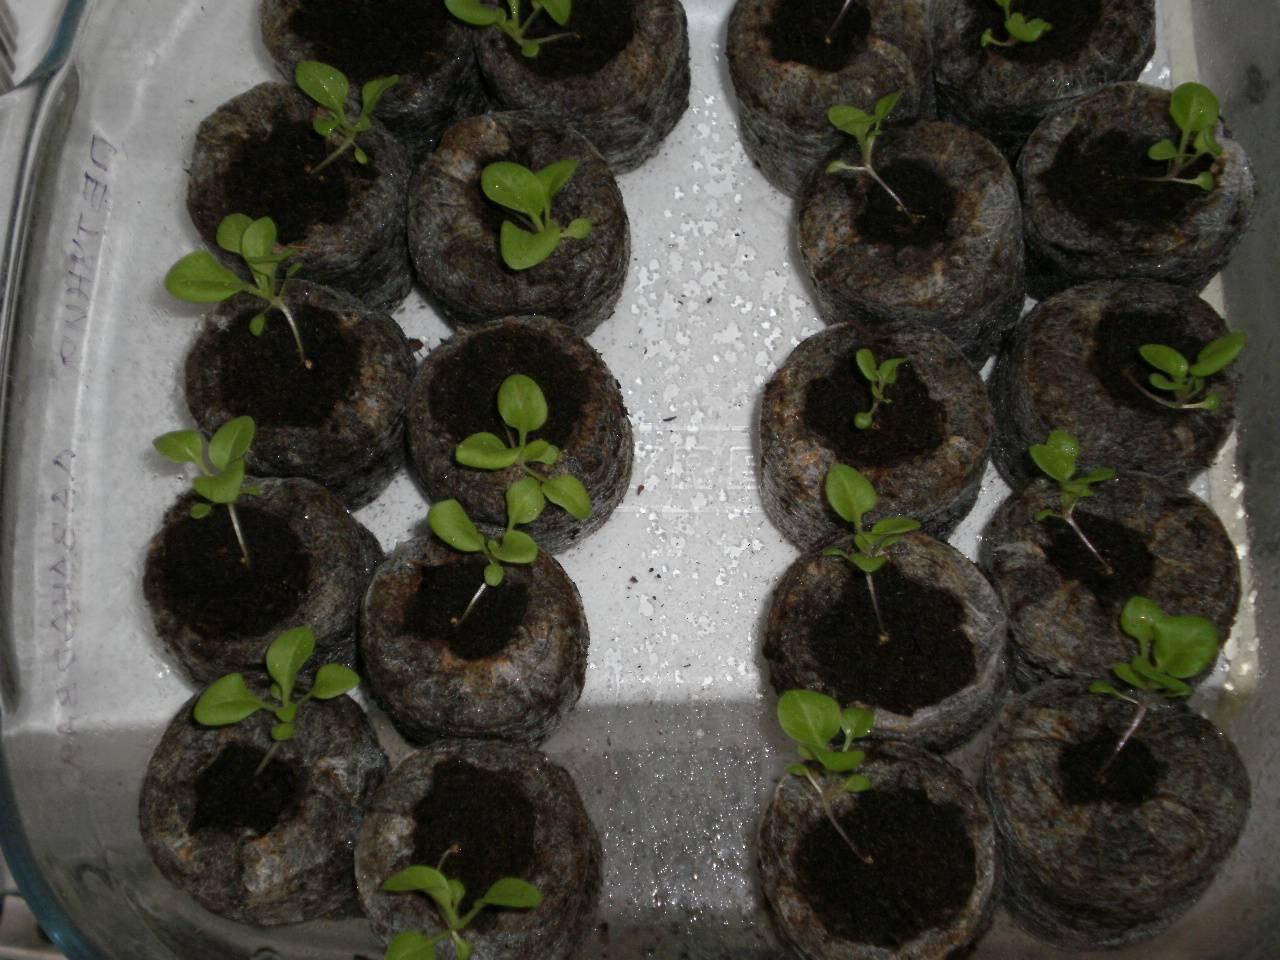 Посадка петунии семенами на рассаду в домашних условиях.